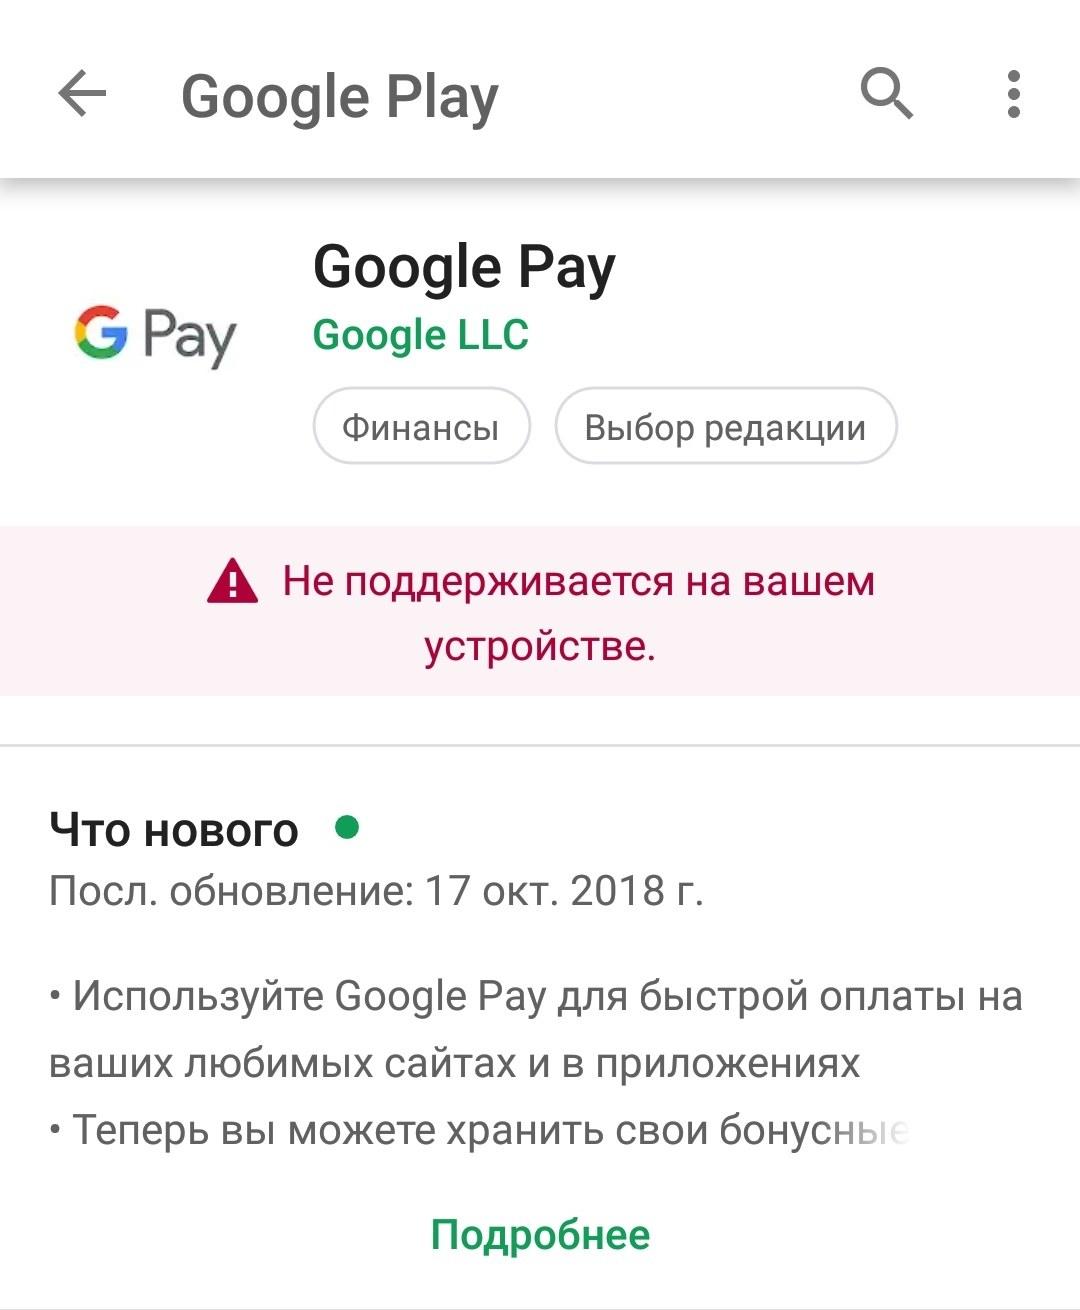 Смартфон не поддерживает приложение гугл пей